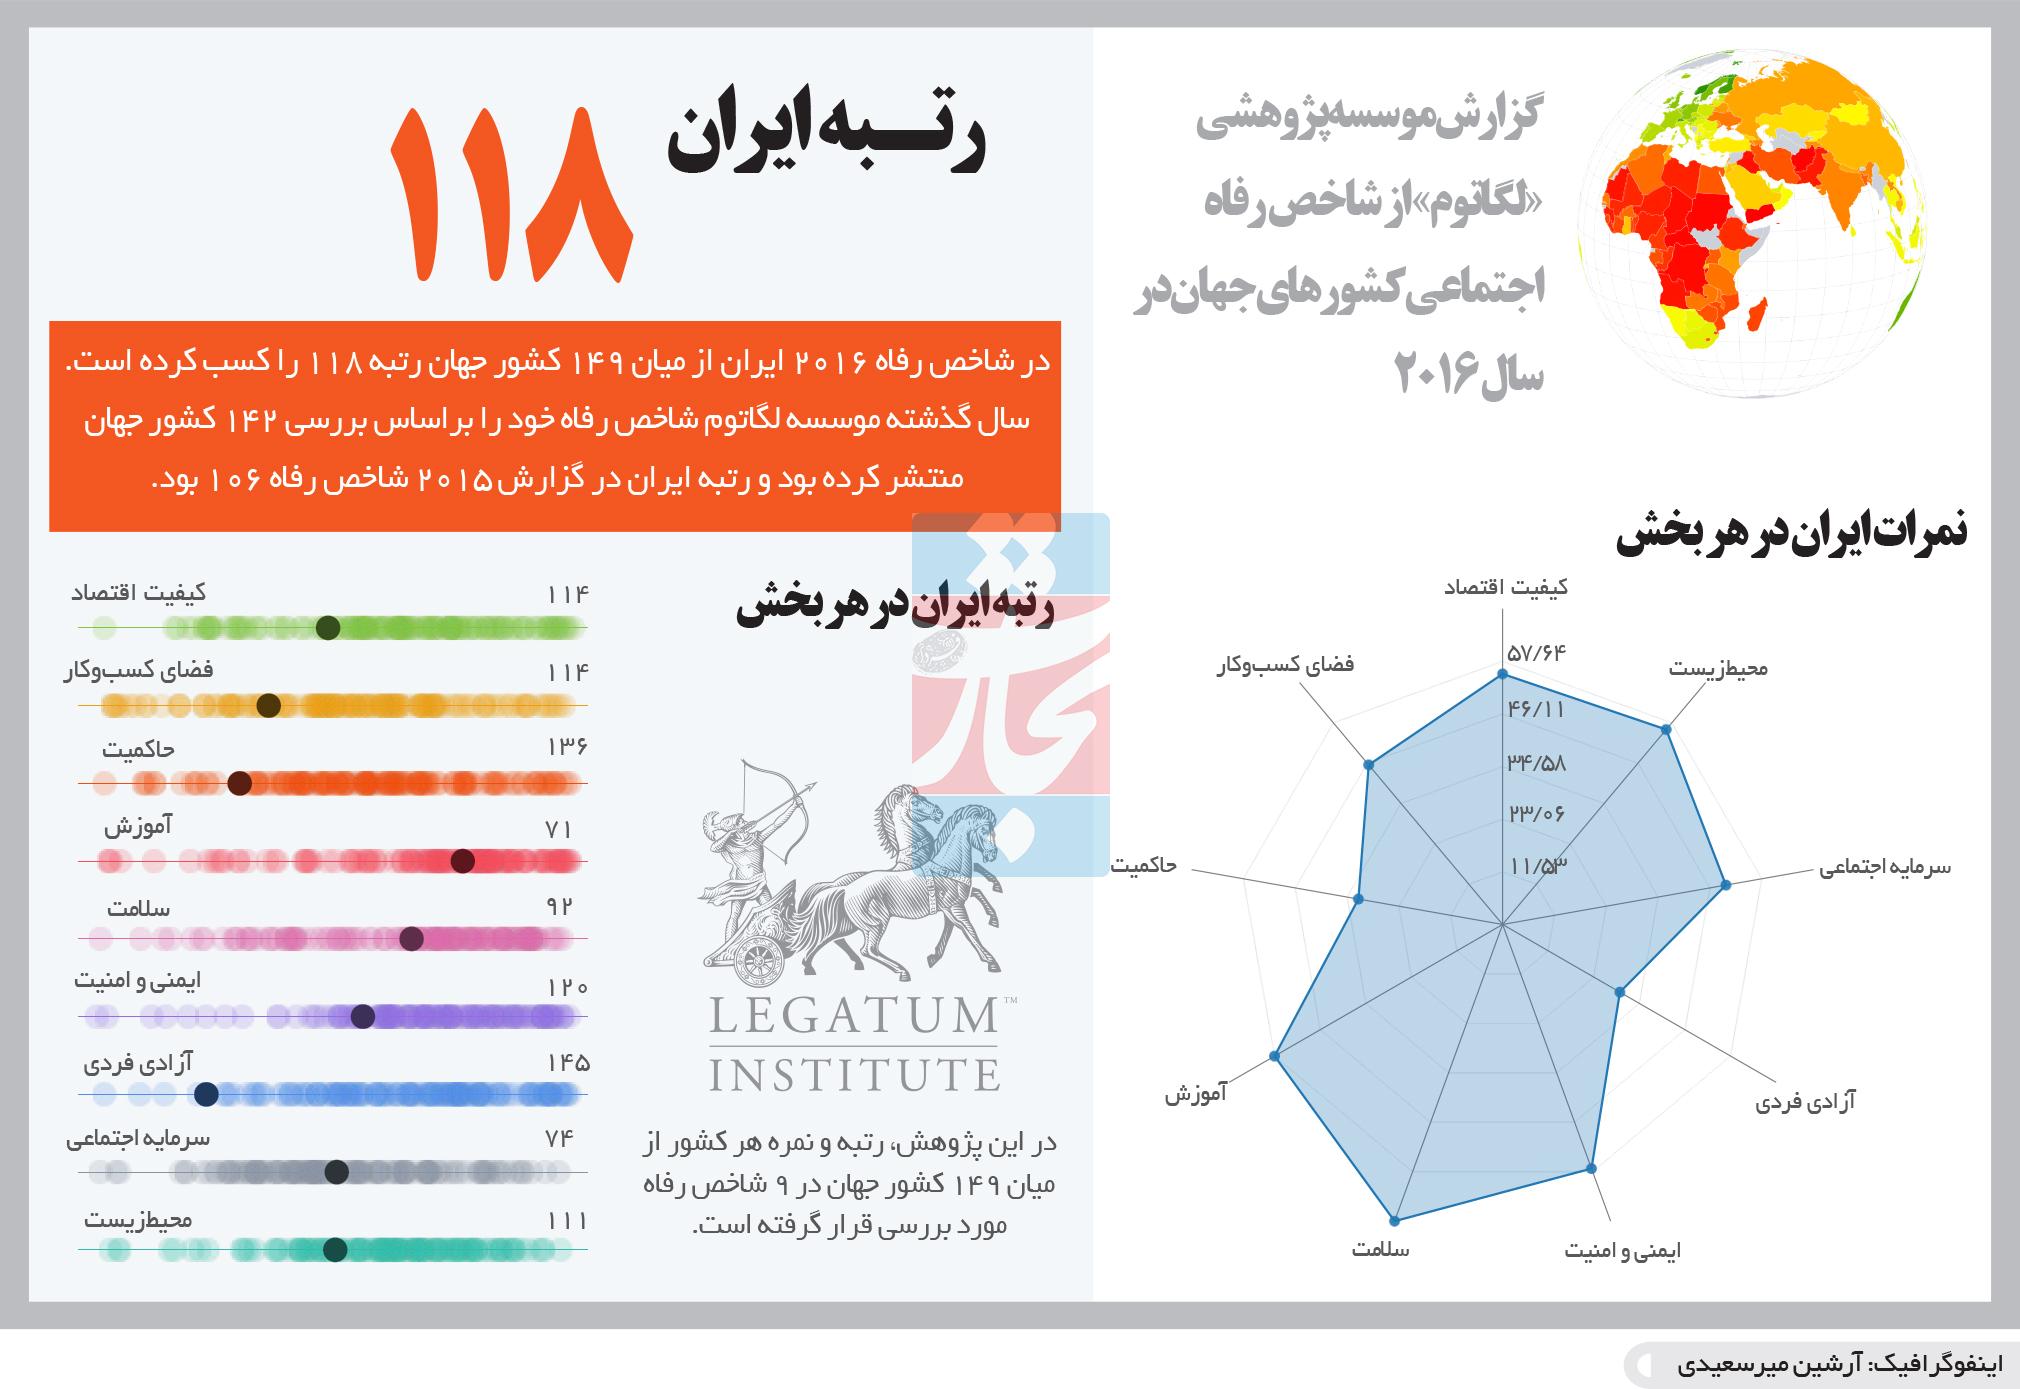 تجارت- فردا- گزارش موسسه پژوهشی «لگاتوم» از شاخص رفاه اجتماعی کشورهای جهان در سال ۲۰۱۶(اینفوگرافیک)